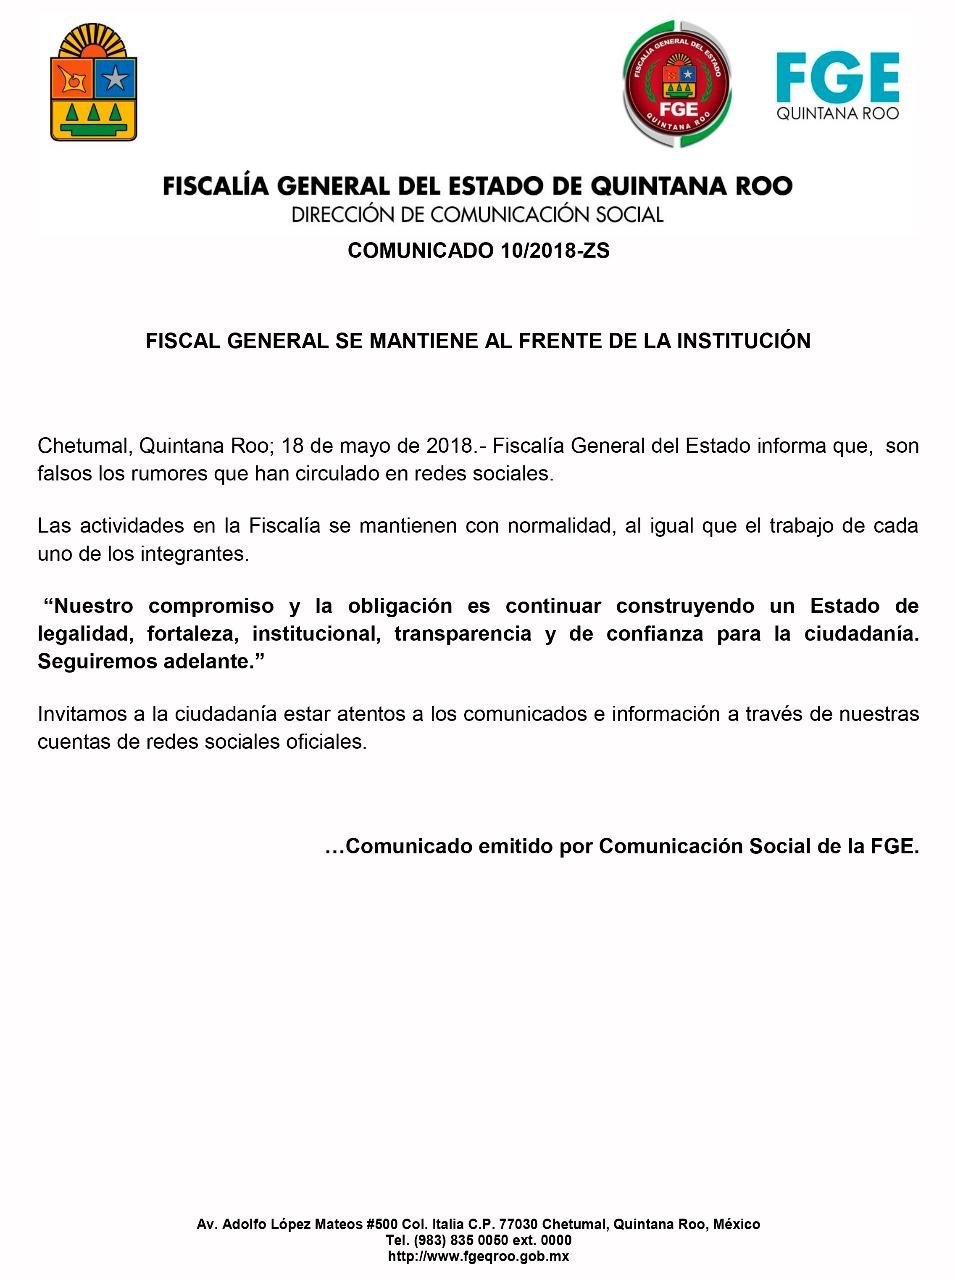 Mediante un comunicado, Fiscalía ratifica que Miguel Ángel Pech Cen sigue al frente de la institución